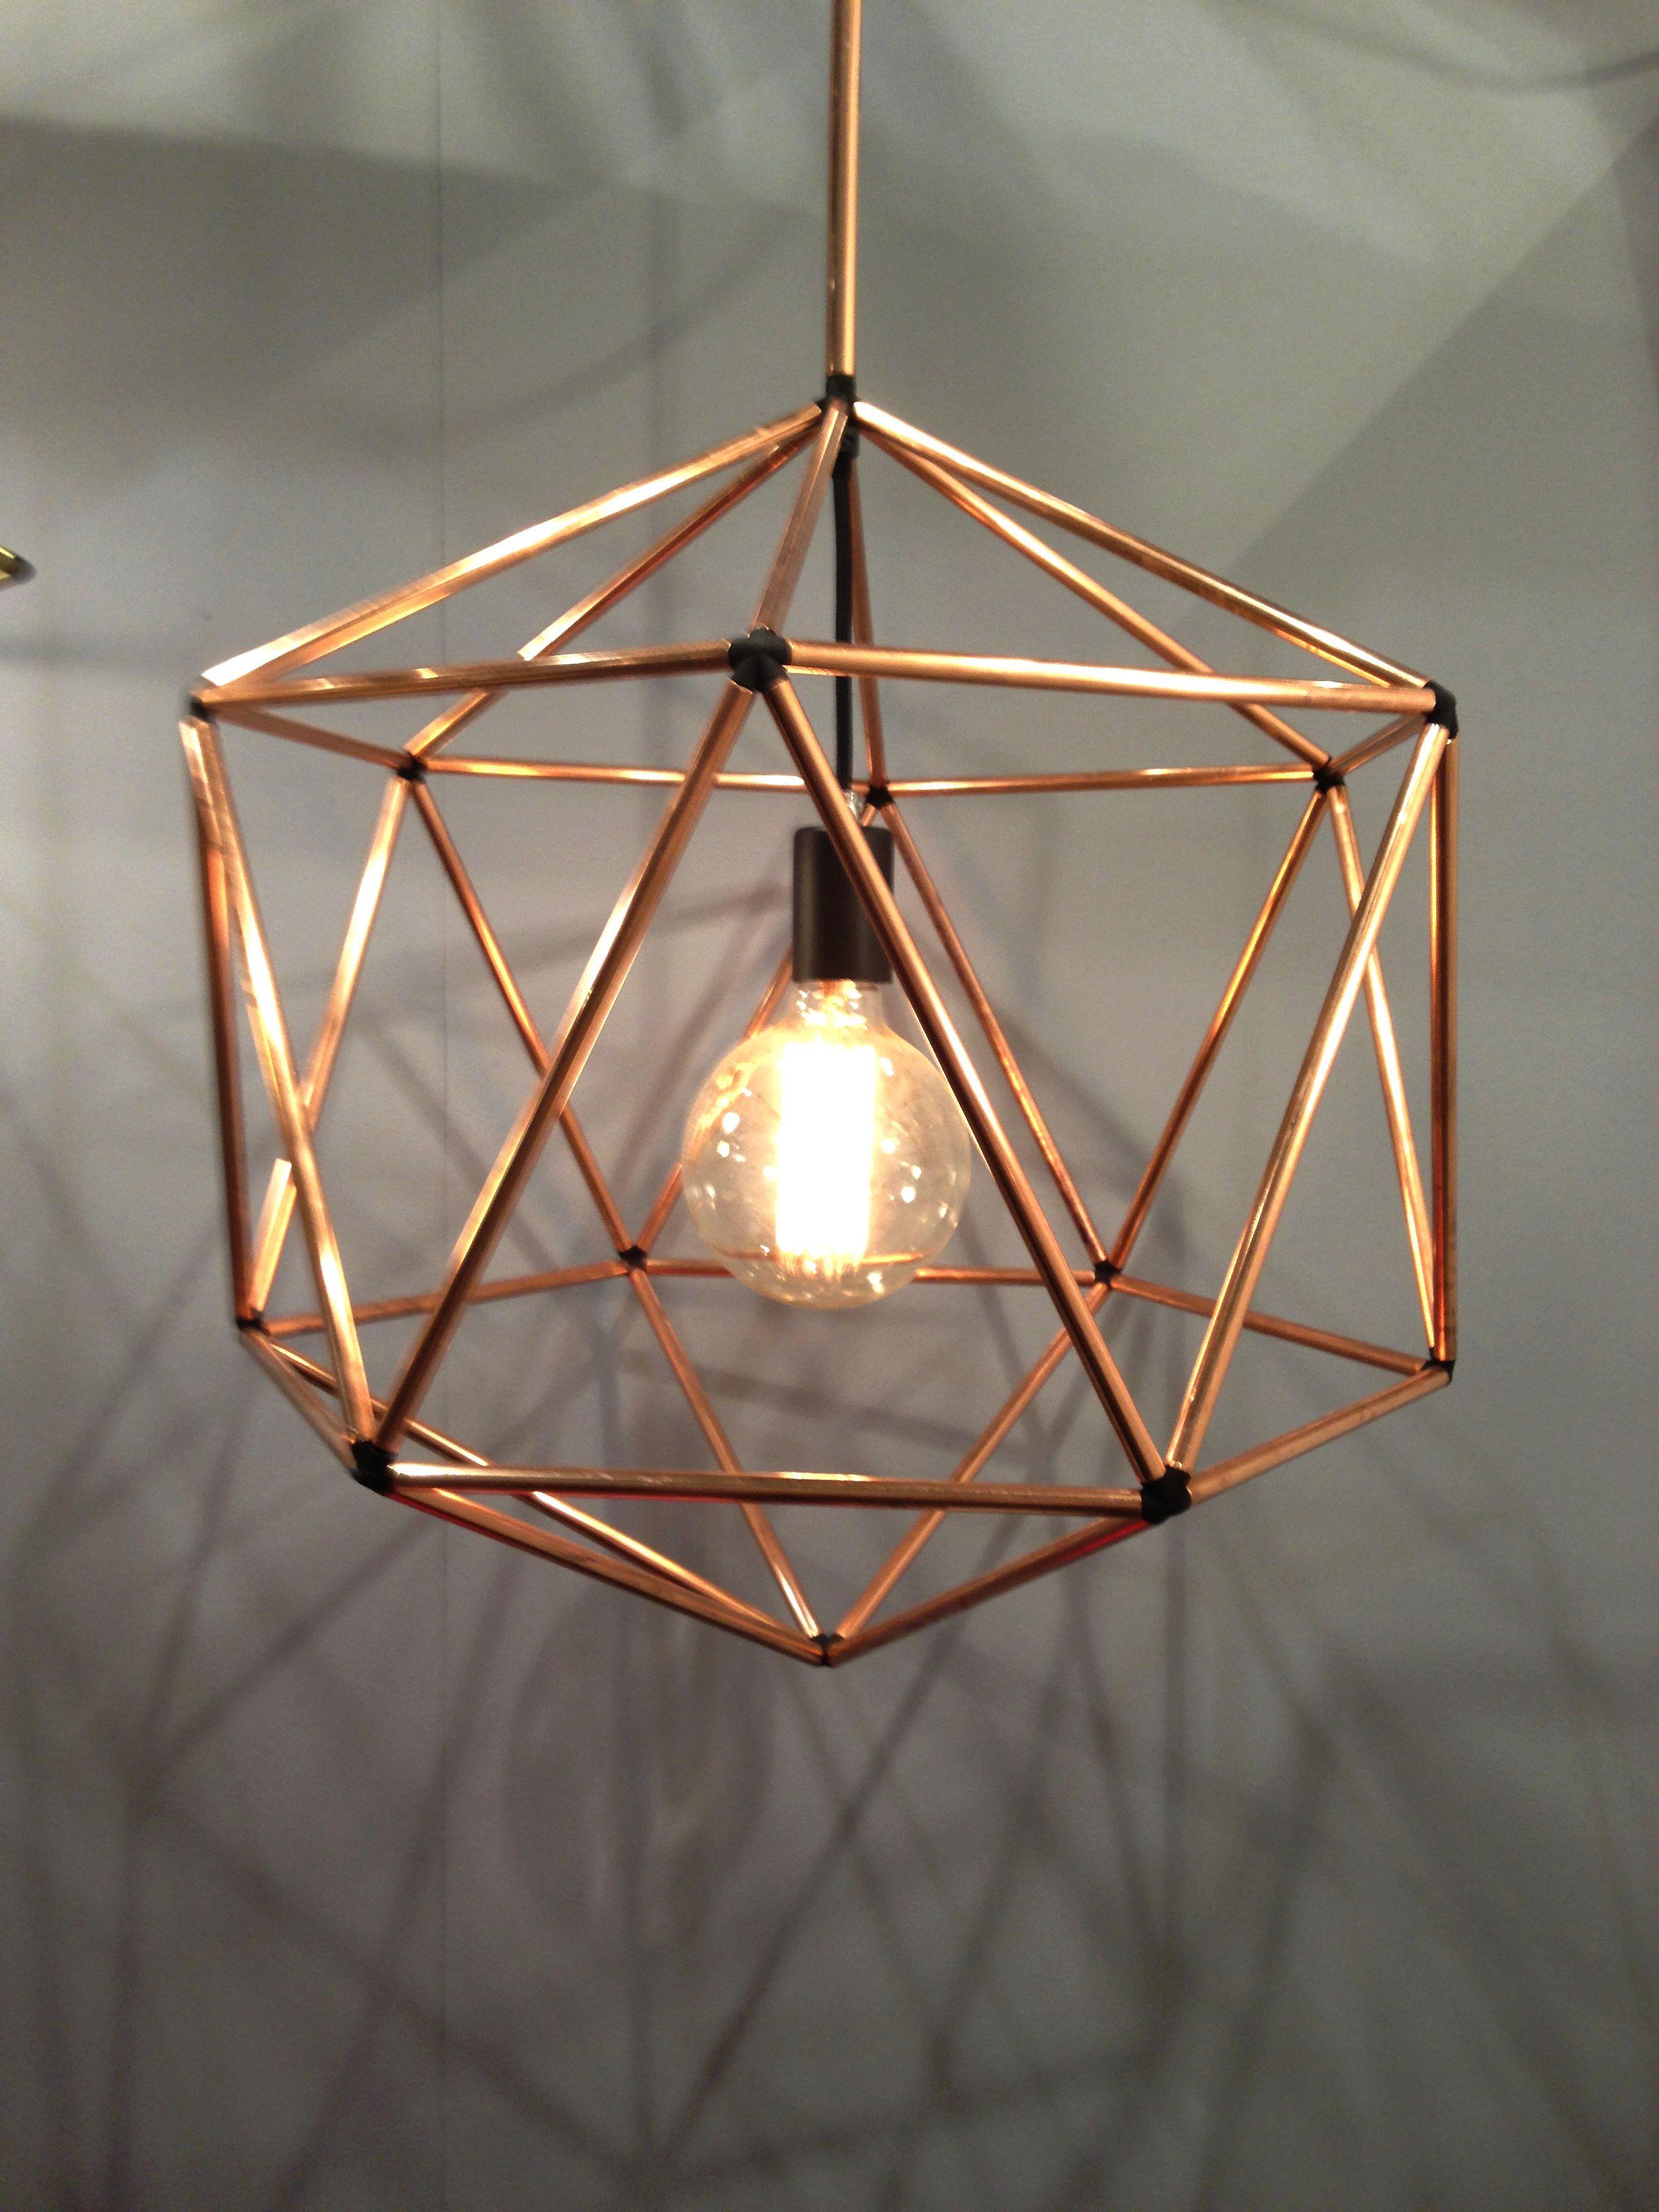 Copper pendant light by Ben Tovim Design  For the Home